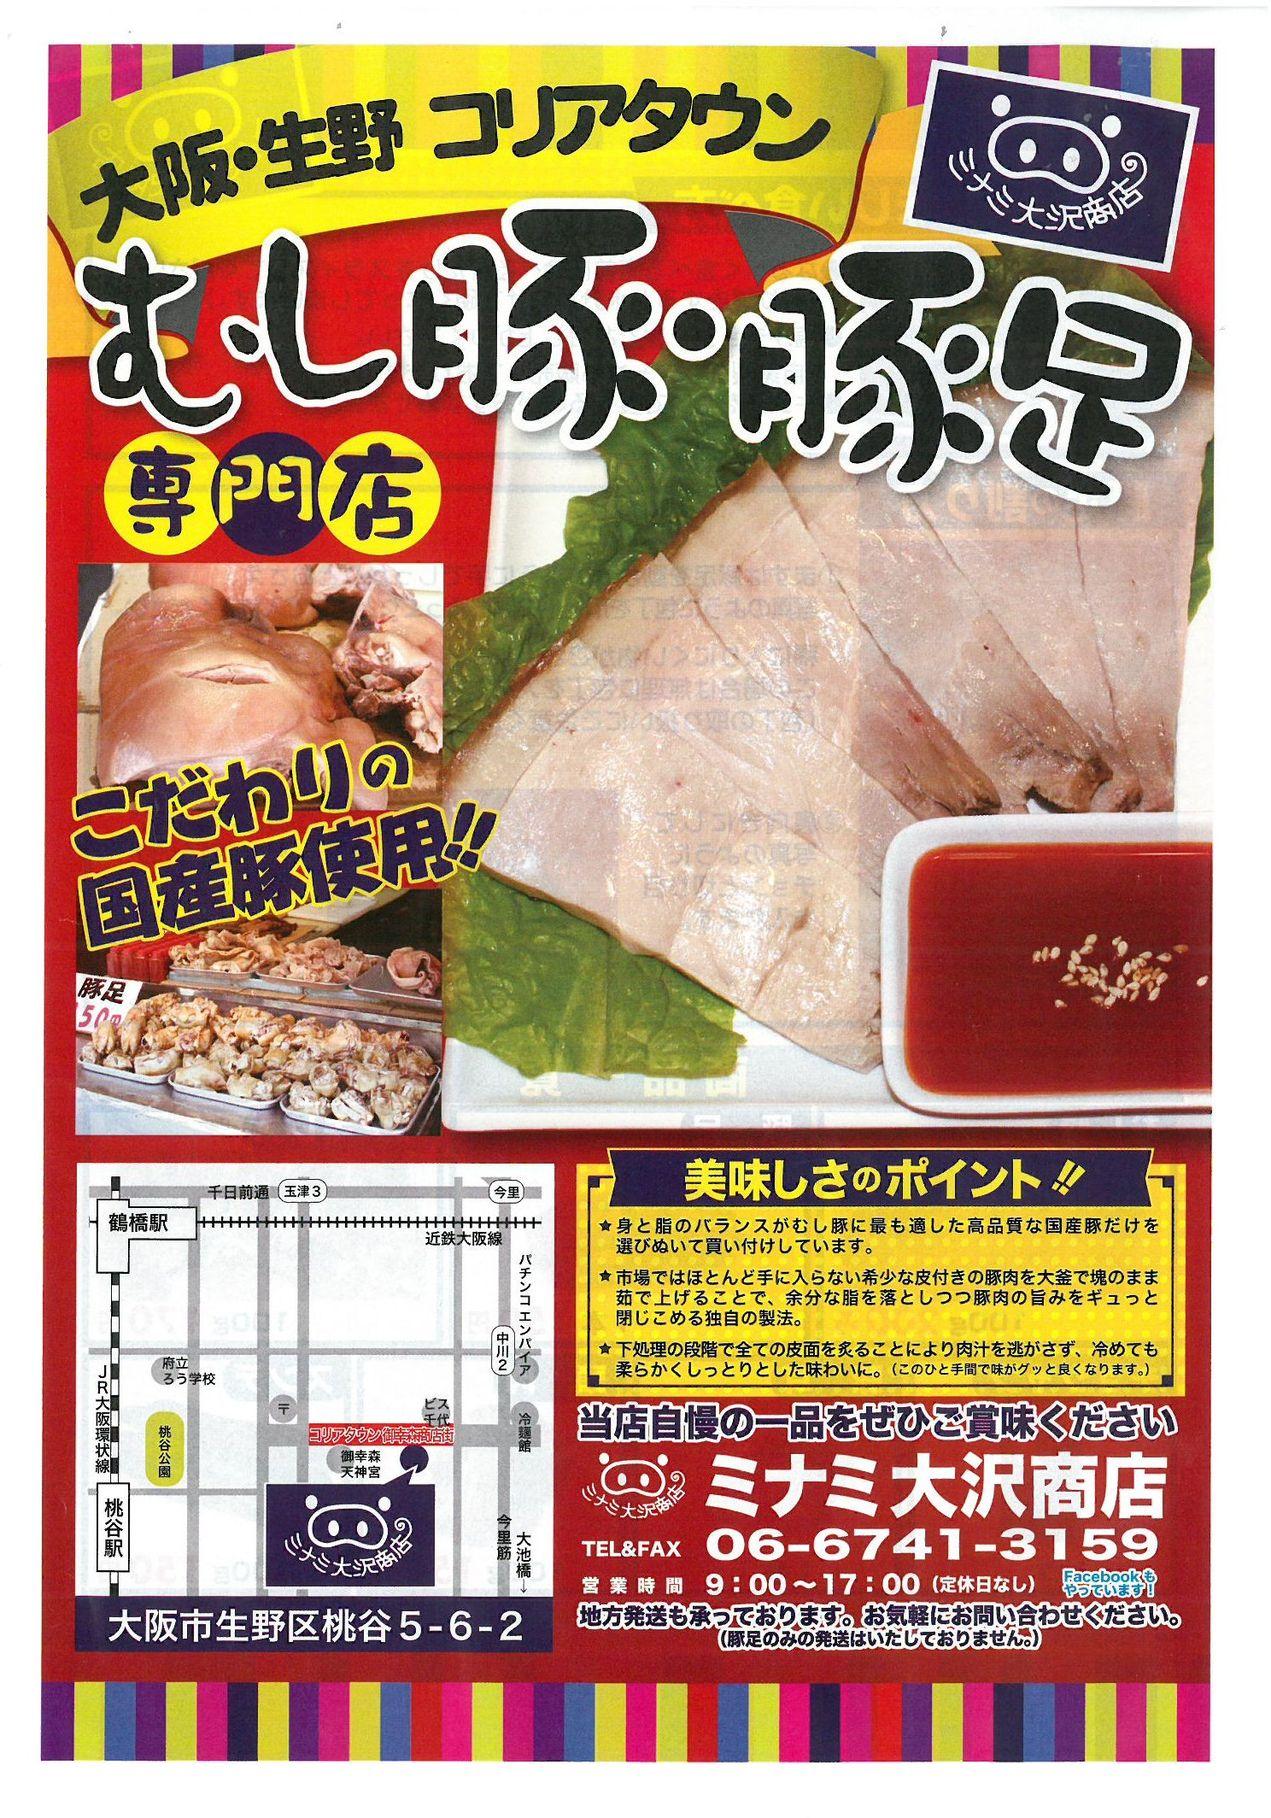 ミナミ大沢商店